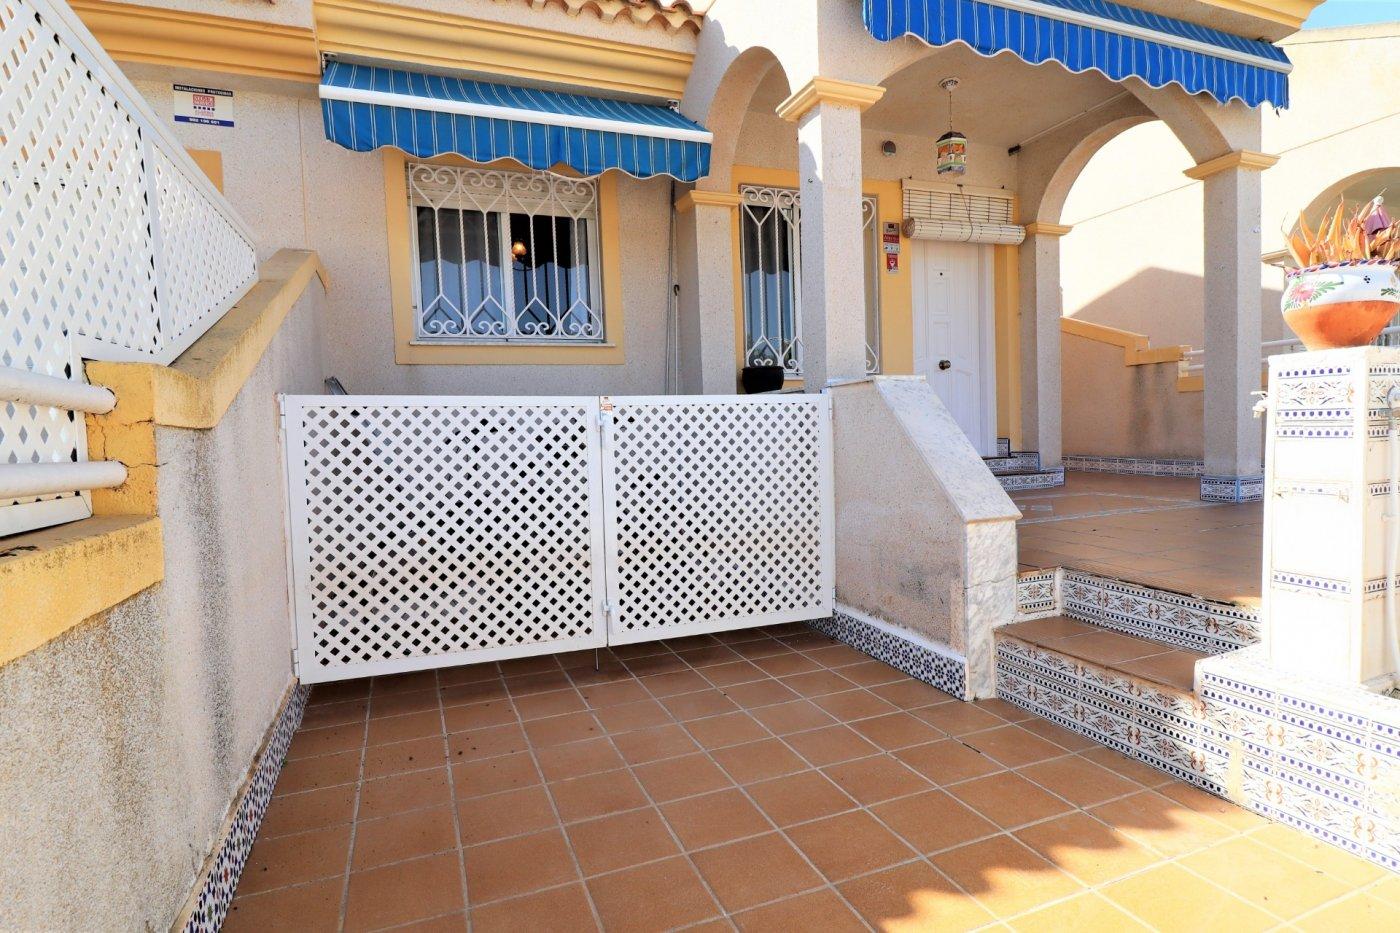 Duplex for sale in La Dorada, Los Alcazares